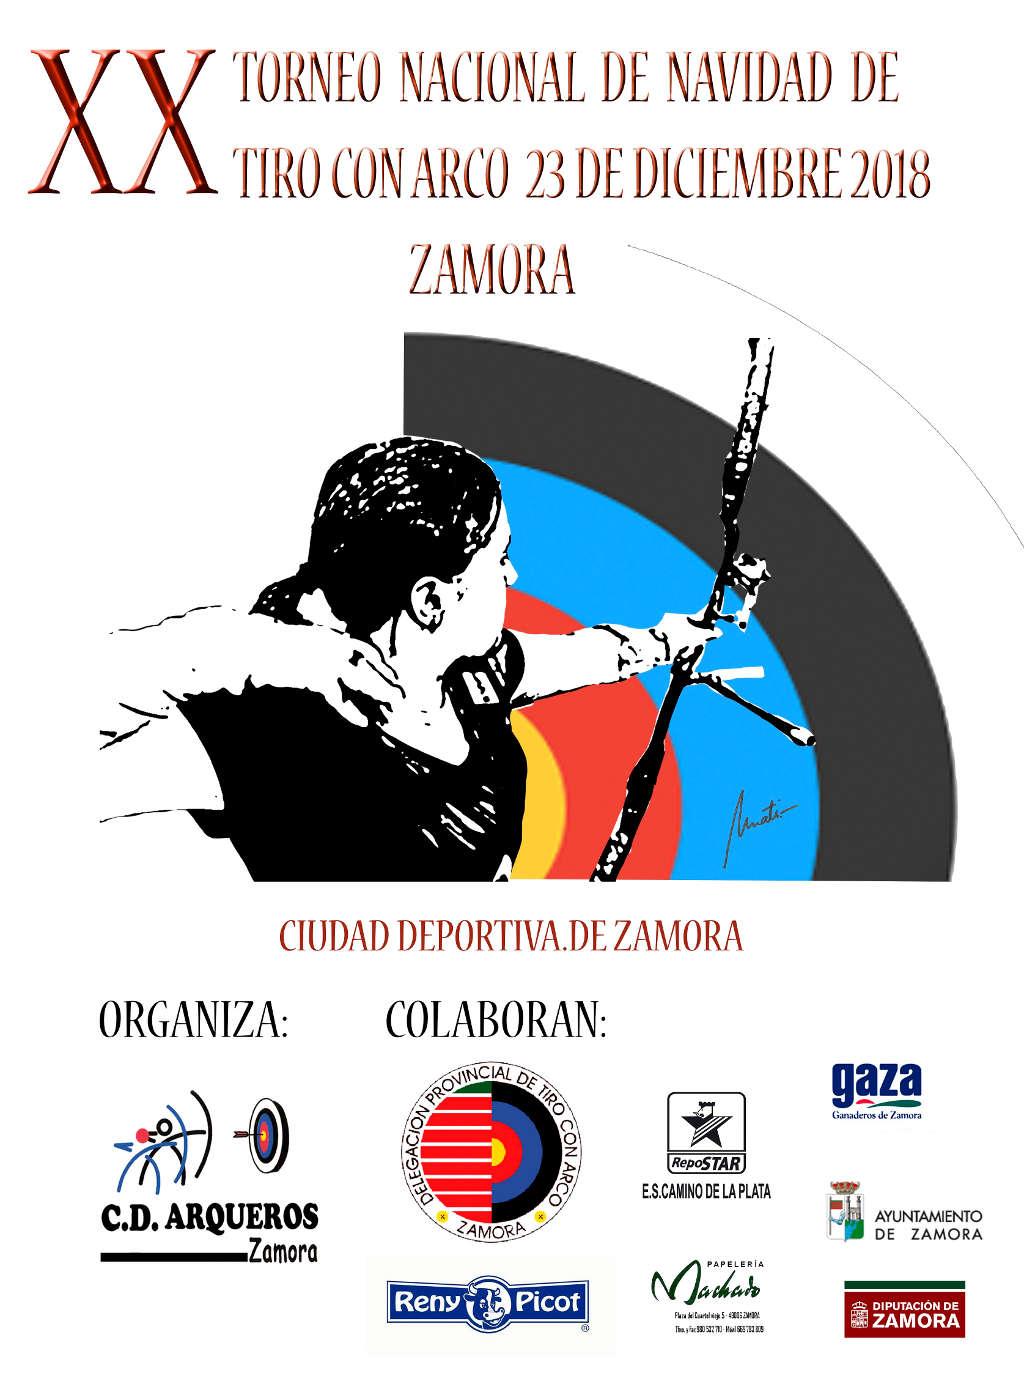 XX TORNEO NACIONAL DE NAVIDAD DE TIRO CON ARCO Y VII TROFEO RENY PICOT 2018  HOMOLOGADO WORLD ARCHERY fa8579ffd4228